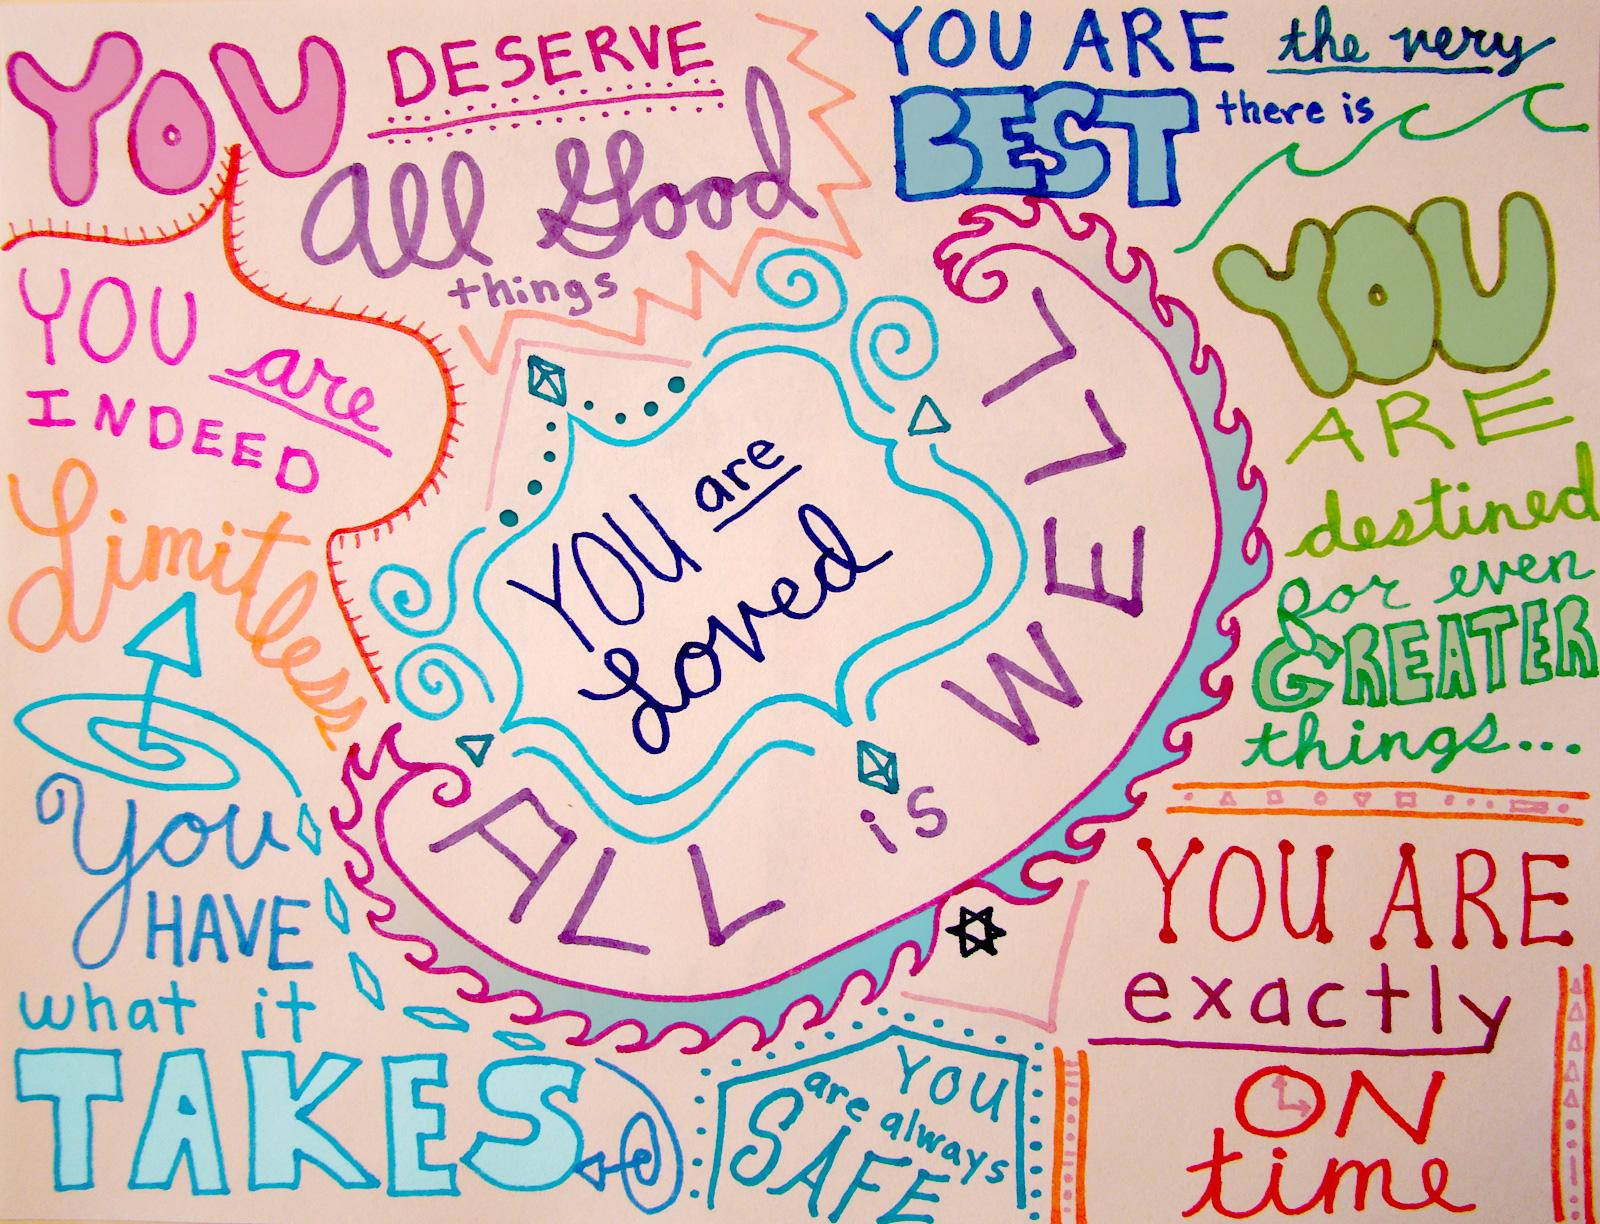 You Are Loved – Lauren Lion, Flickr